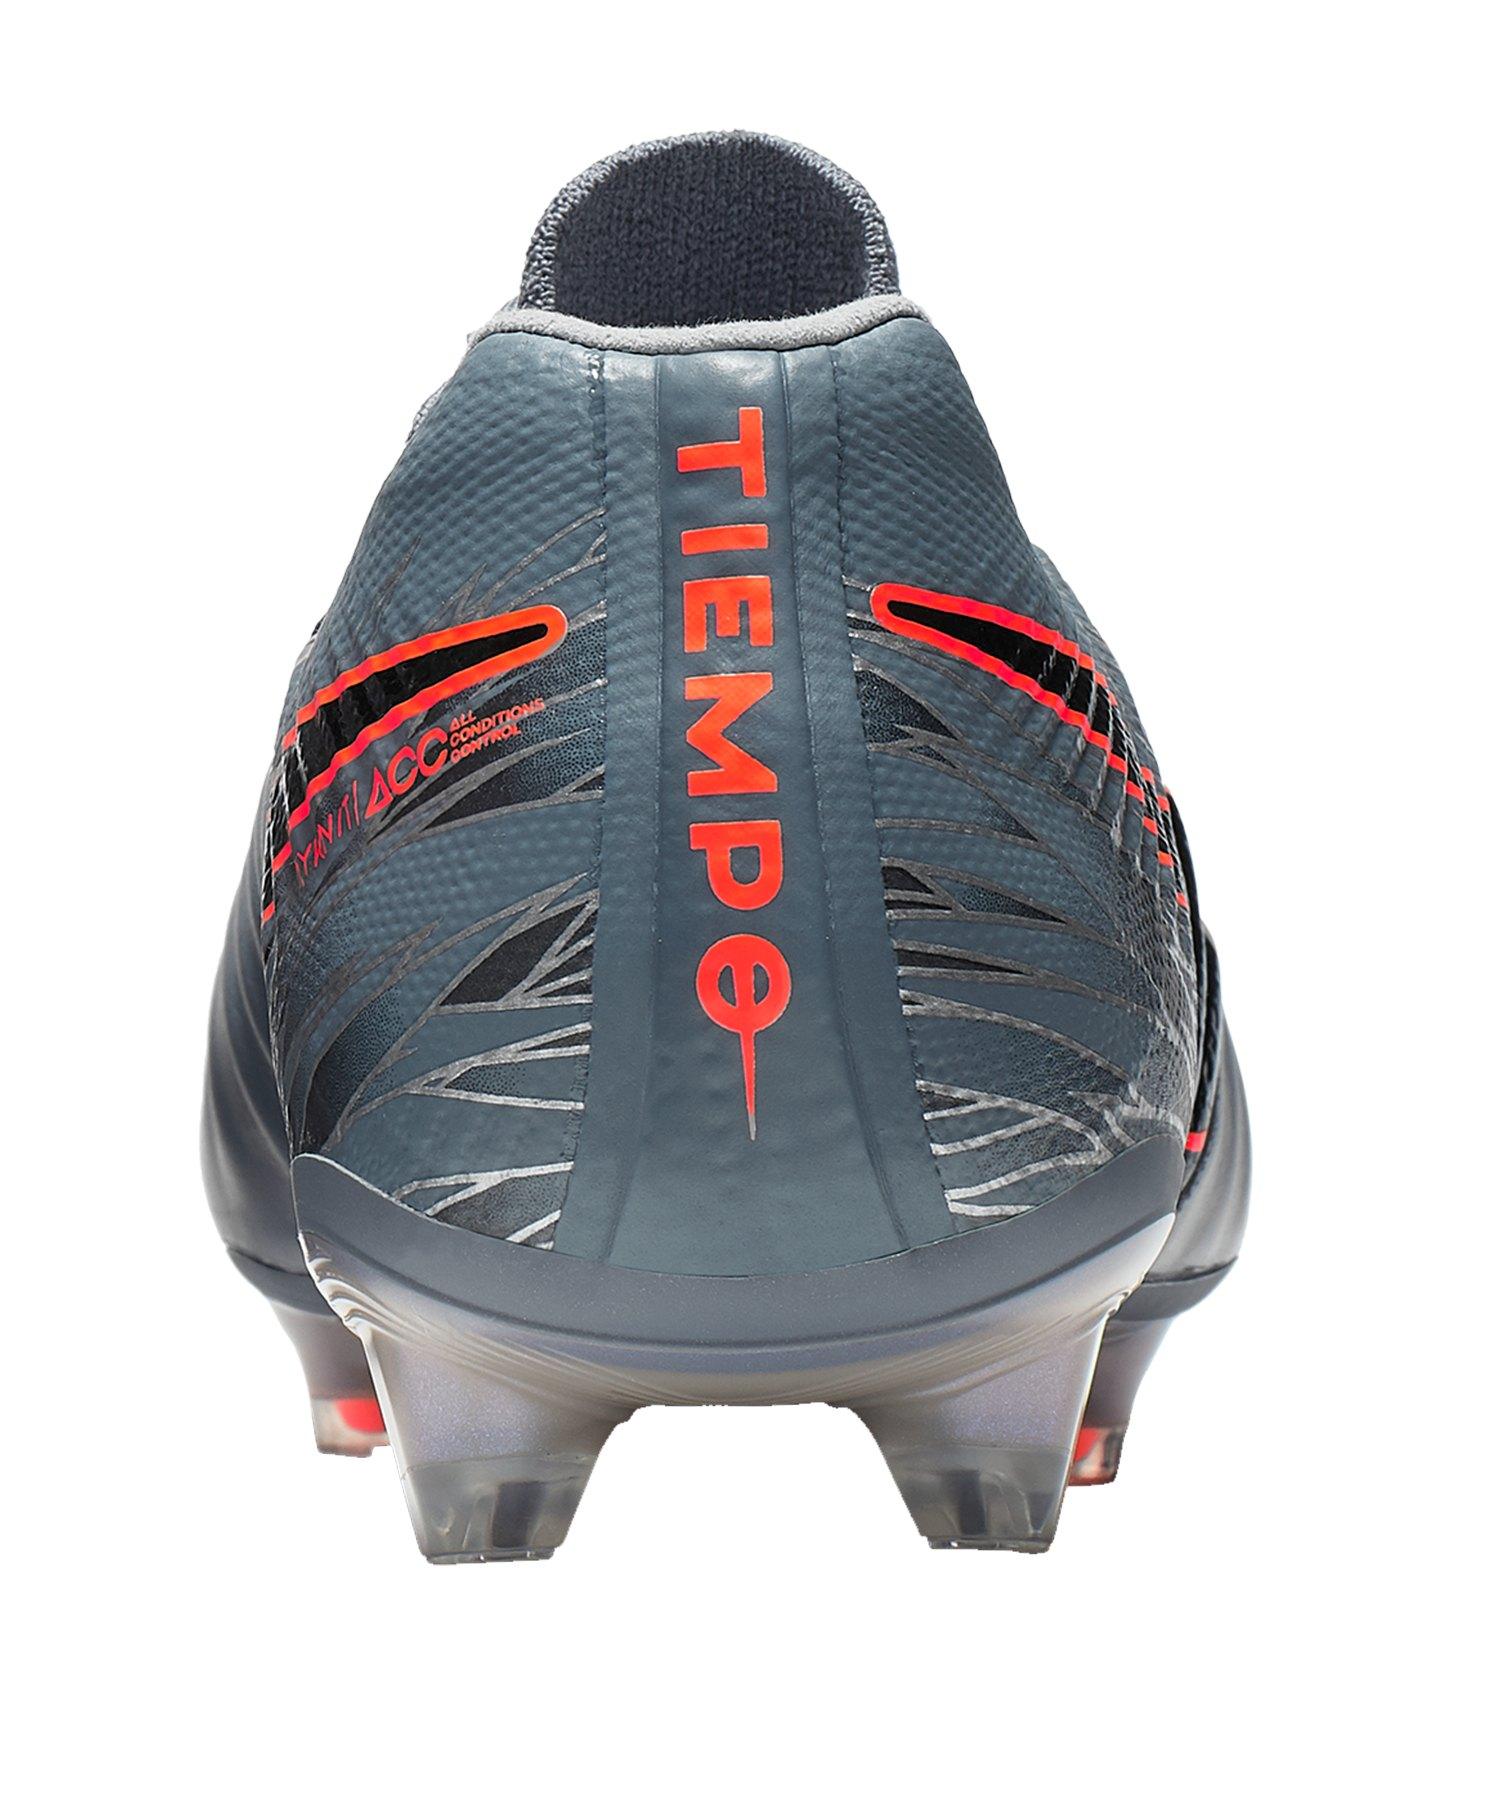 63aedcdeba1 ... Nike Tiempo Legend VII Elite FG Grau F408 - grau ...